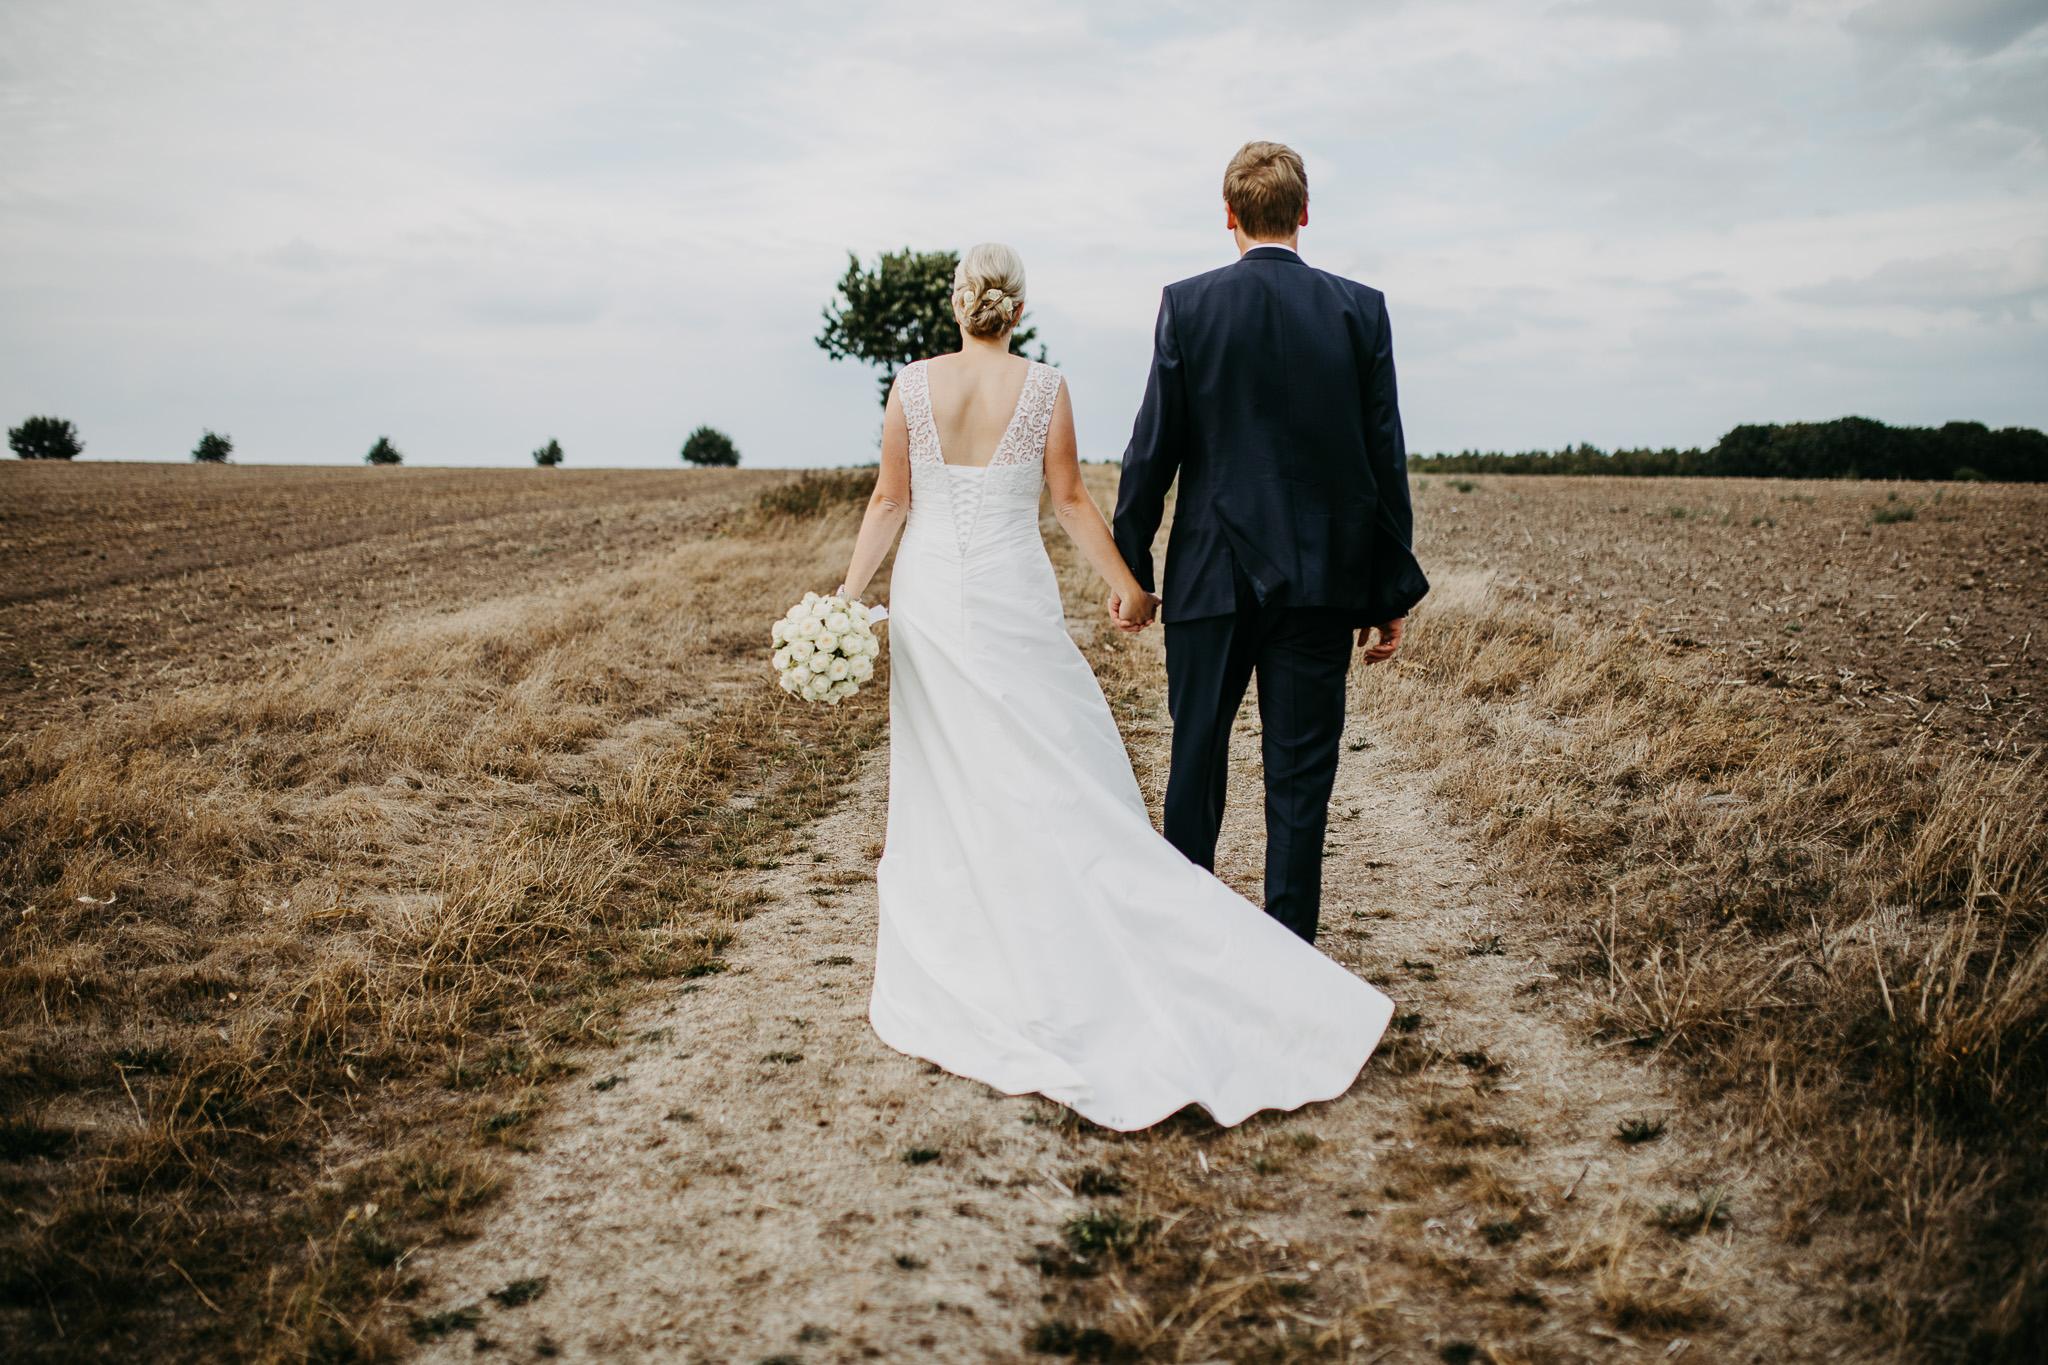 hochzeit-heiraten-in-hannover-hochzeitsfotograf-philipp-schroeder-donphilipe-16-4